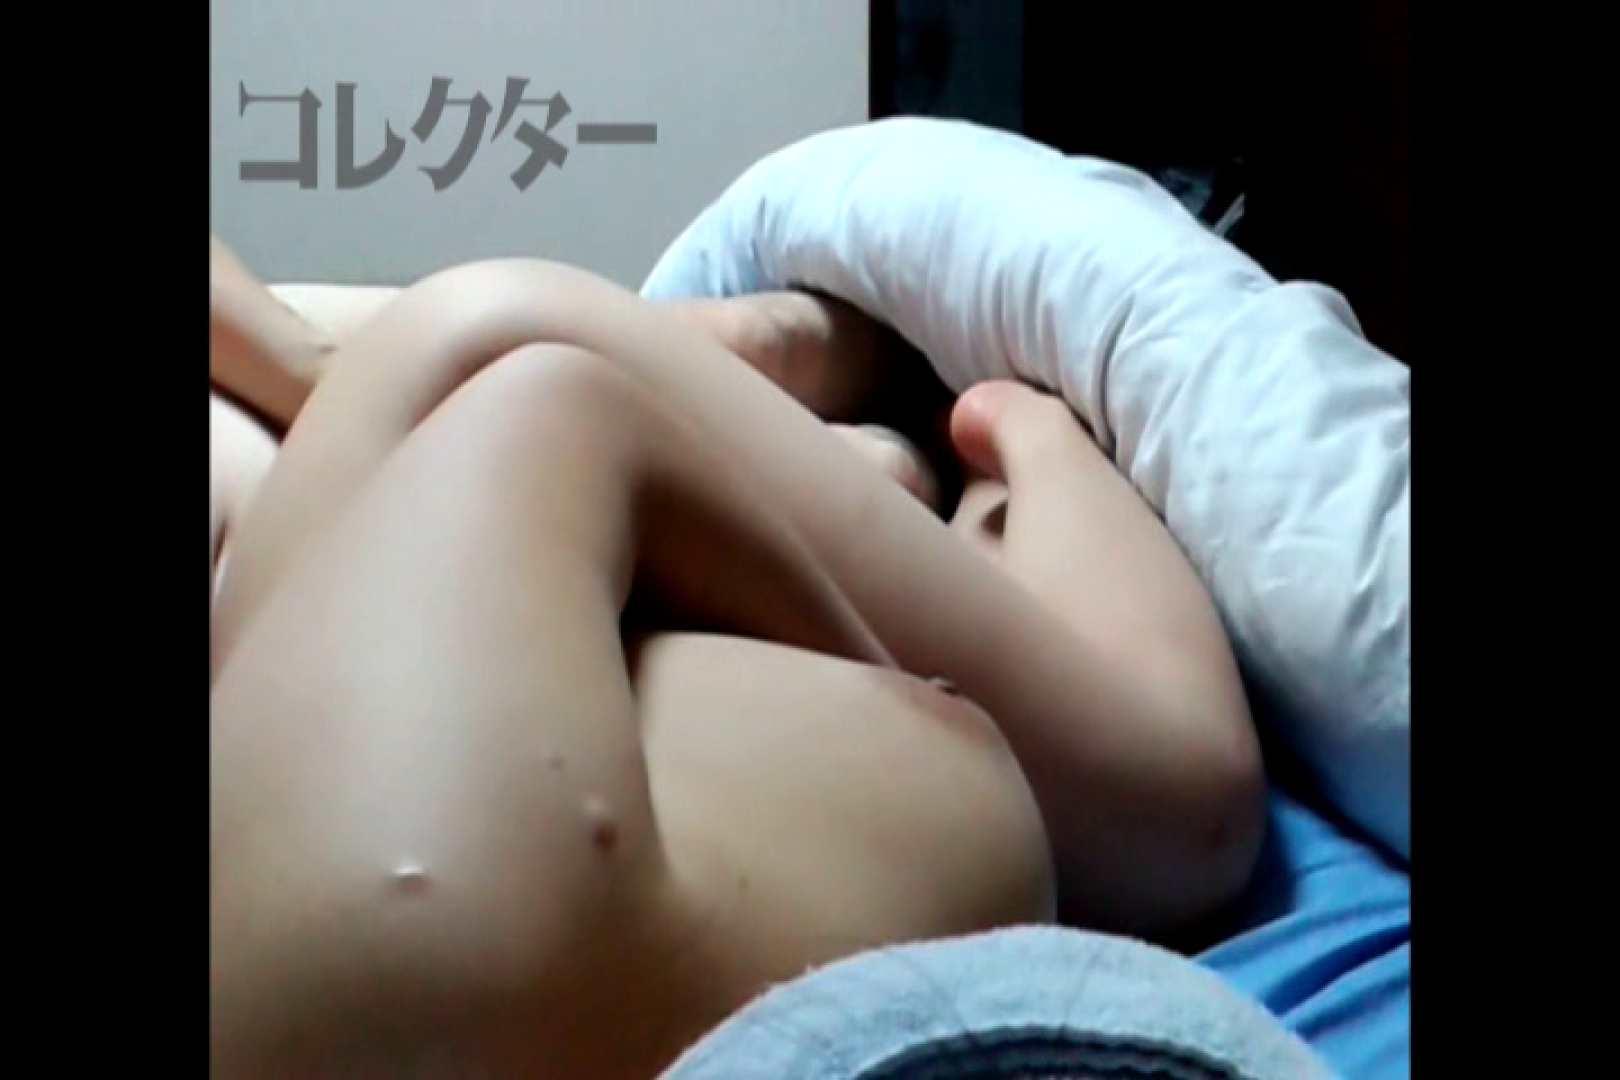 爆酔爆乳美女Vol.03 OL  40連発 31